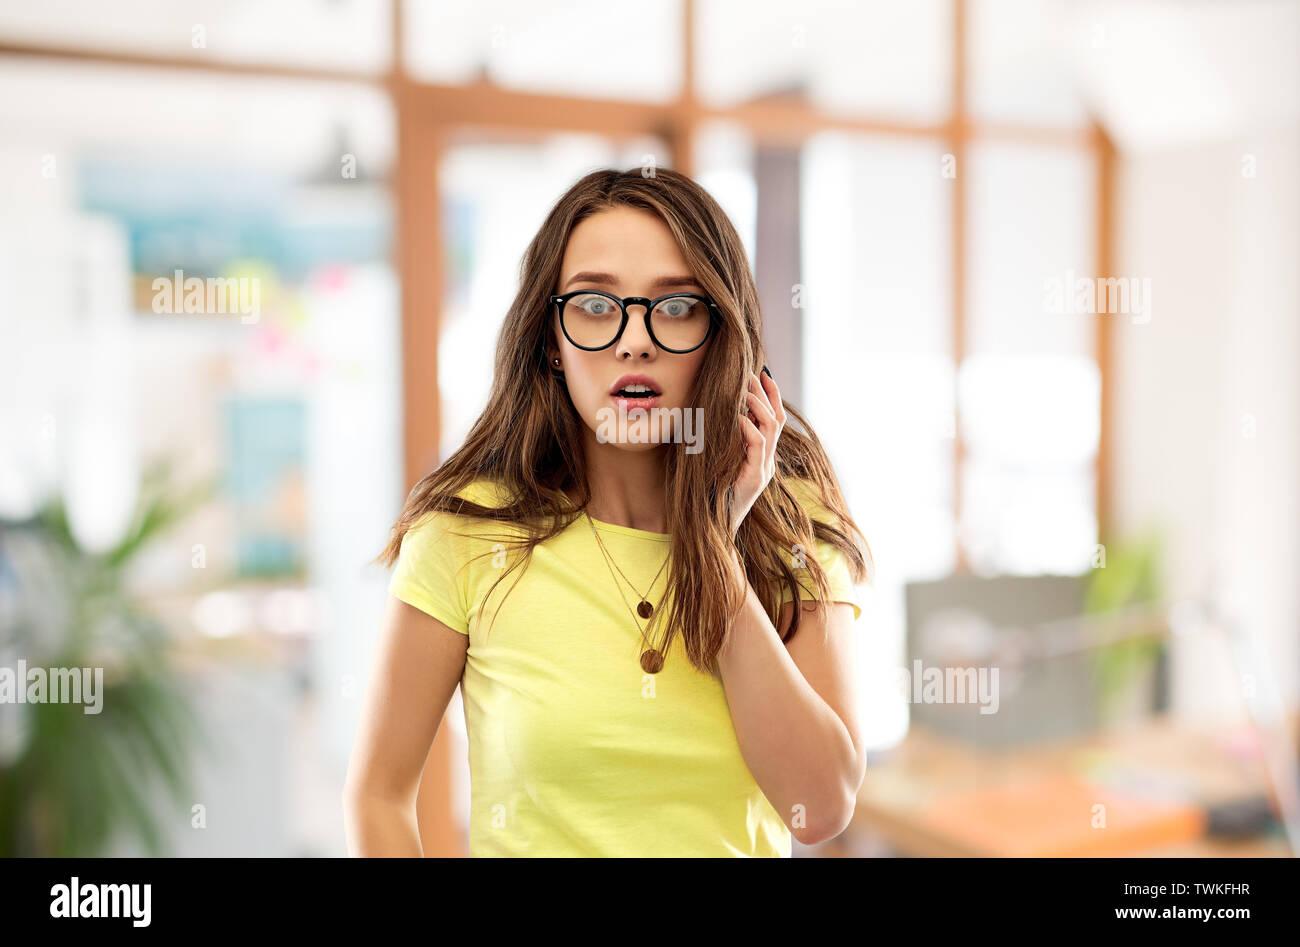 Angst junge Frau oder junges Mädchen in Gläsern Stockbild